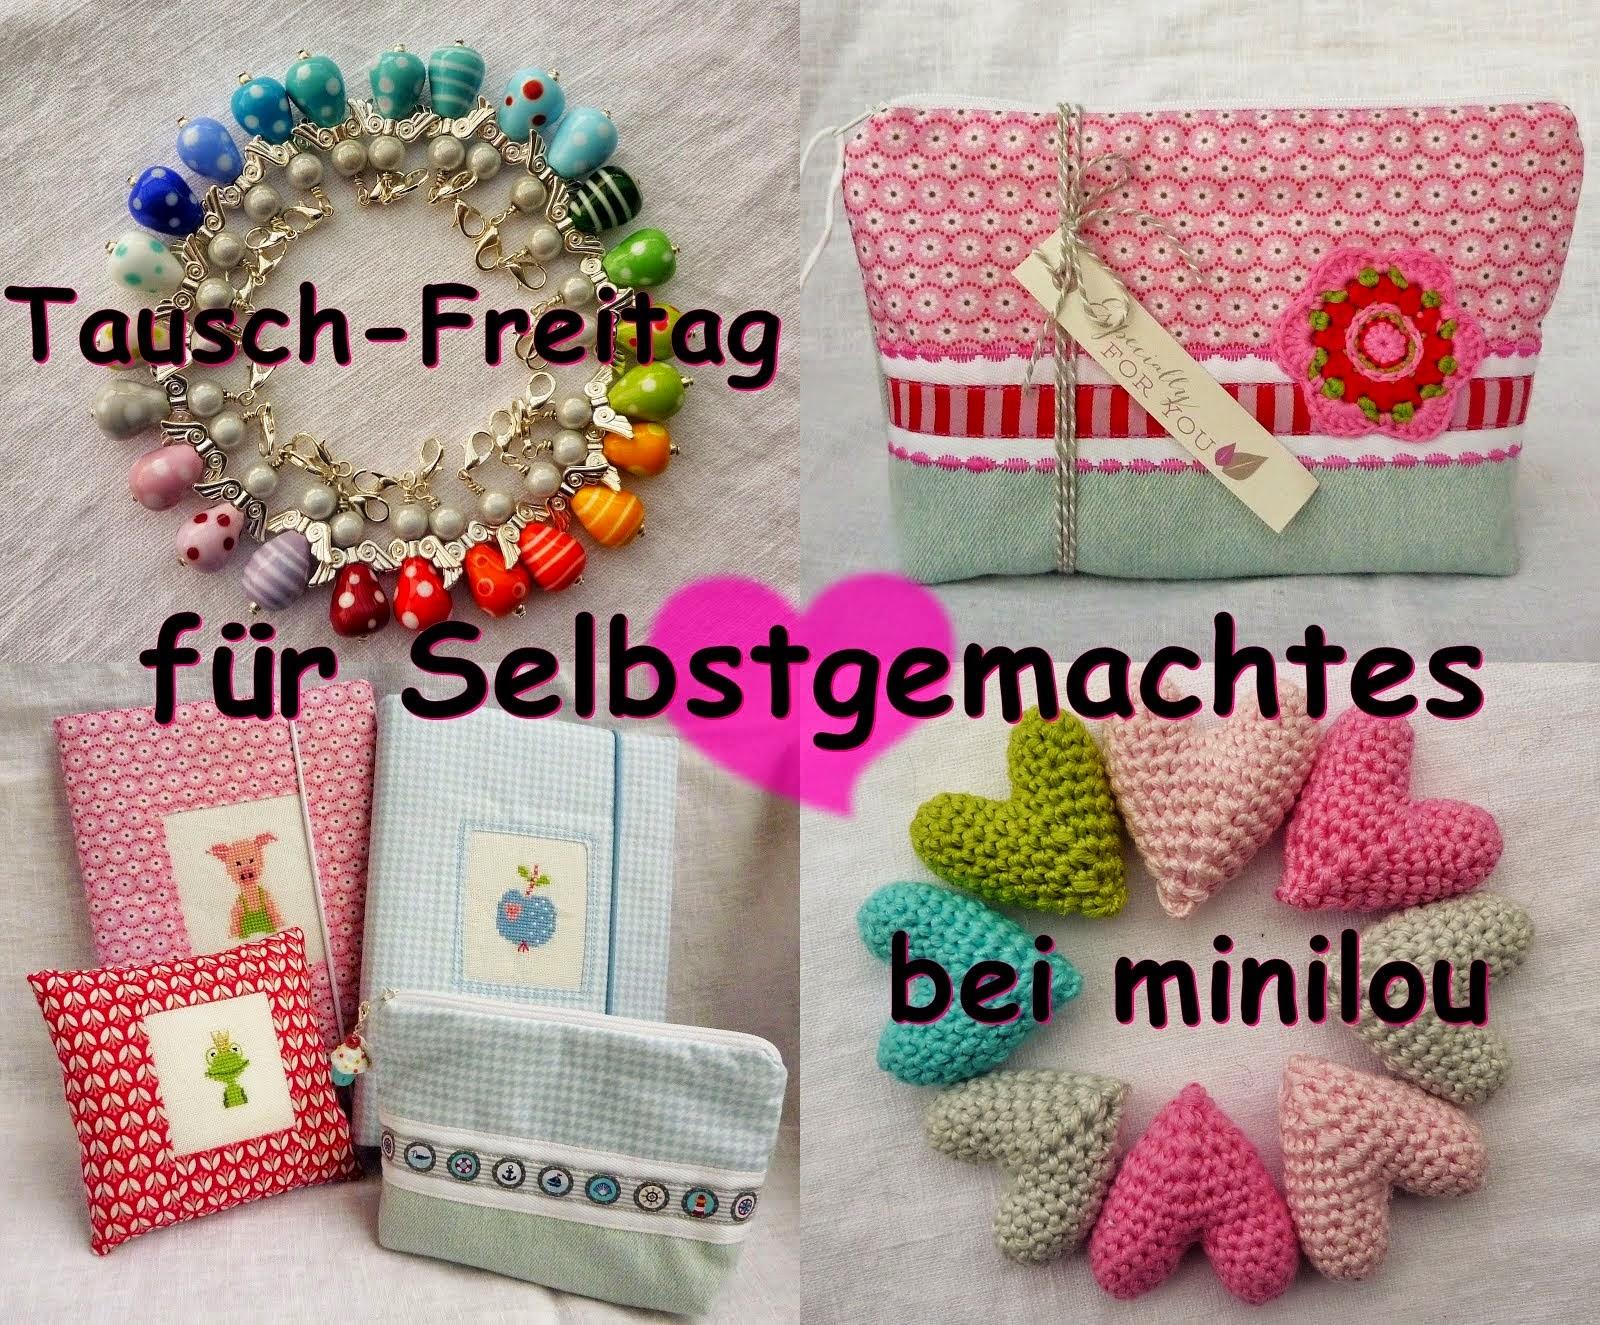 http://minilou-mitliebegemacht.blogspot.de/2015/02/tausch-freitag-2015-5.html